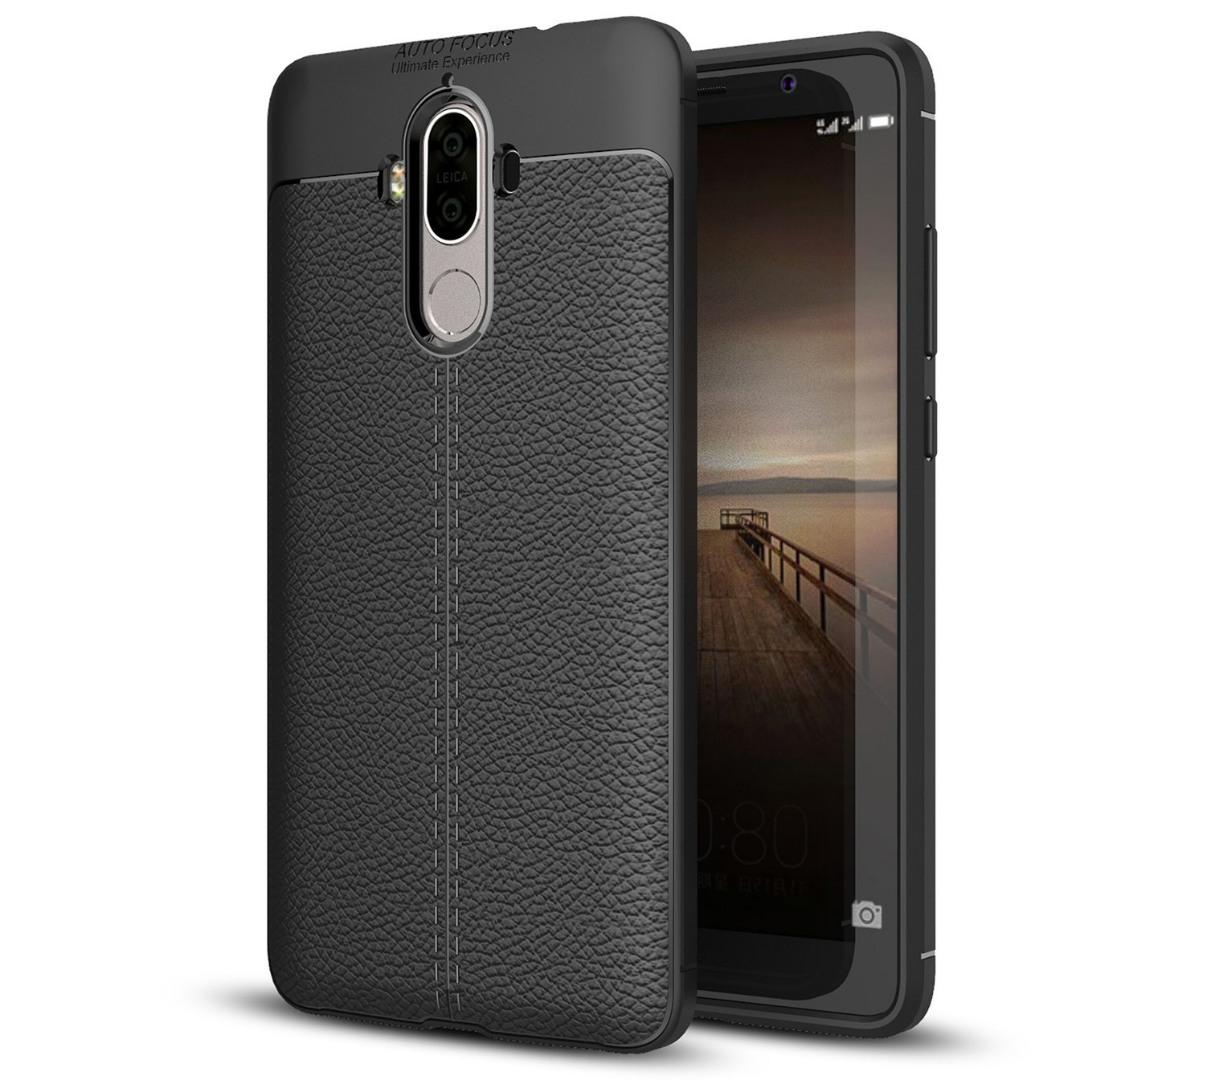 Husa silicon + TPU cu model piele, back cover, Huawei Mate 9 - CaseME, Negru